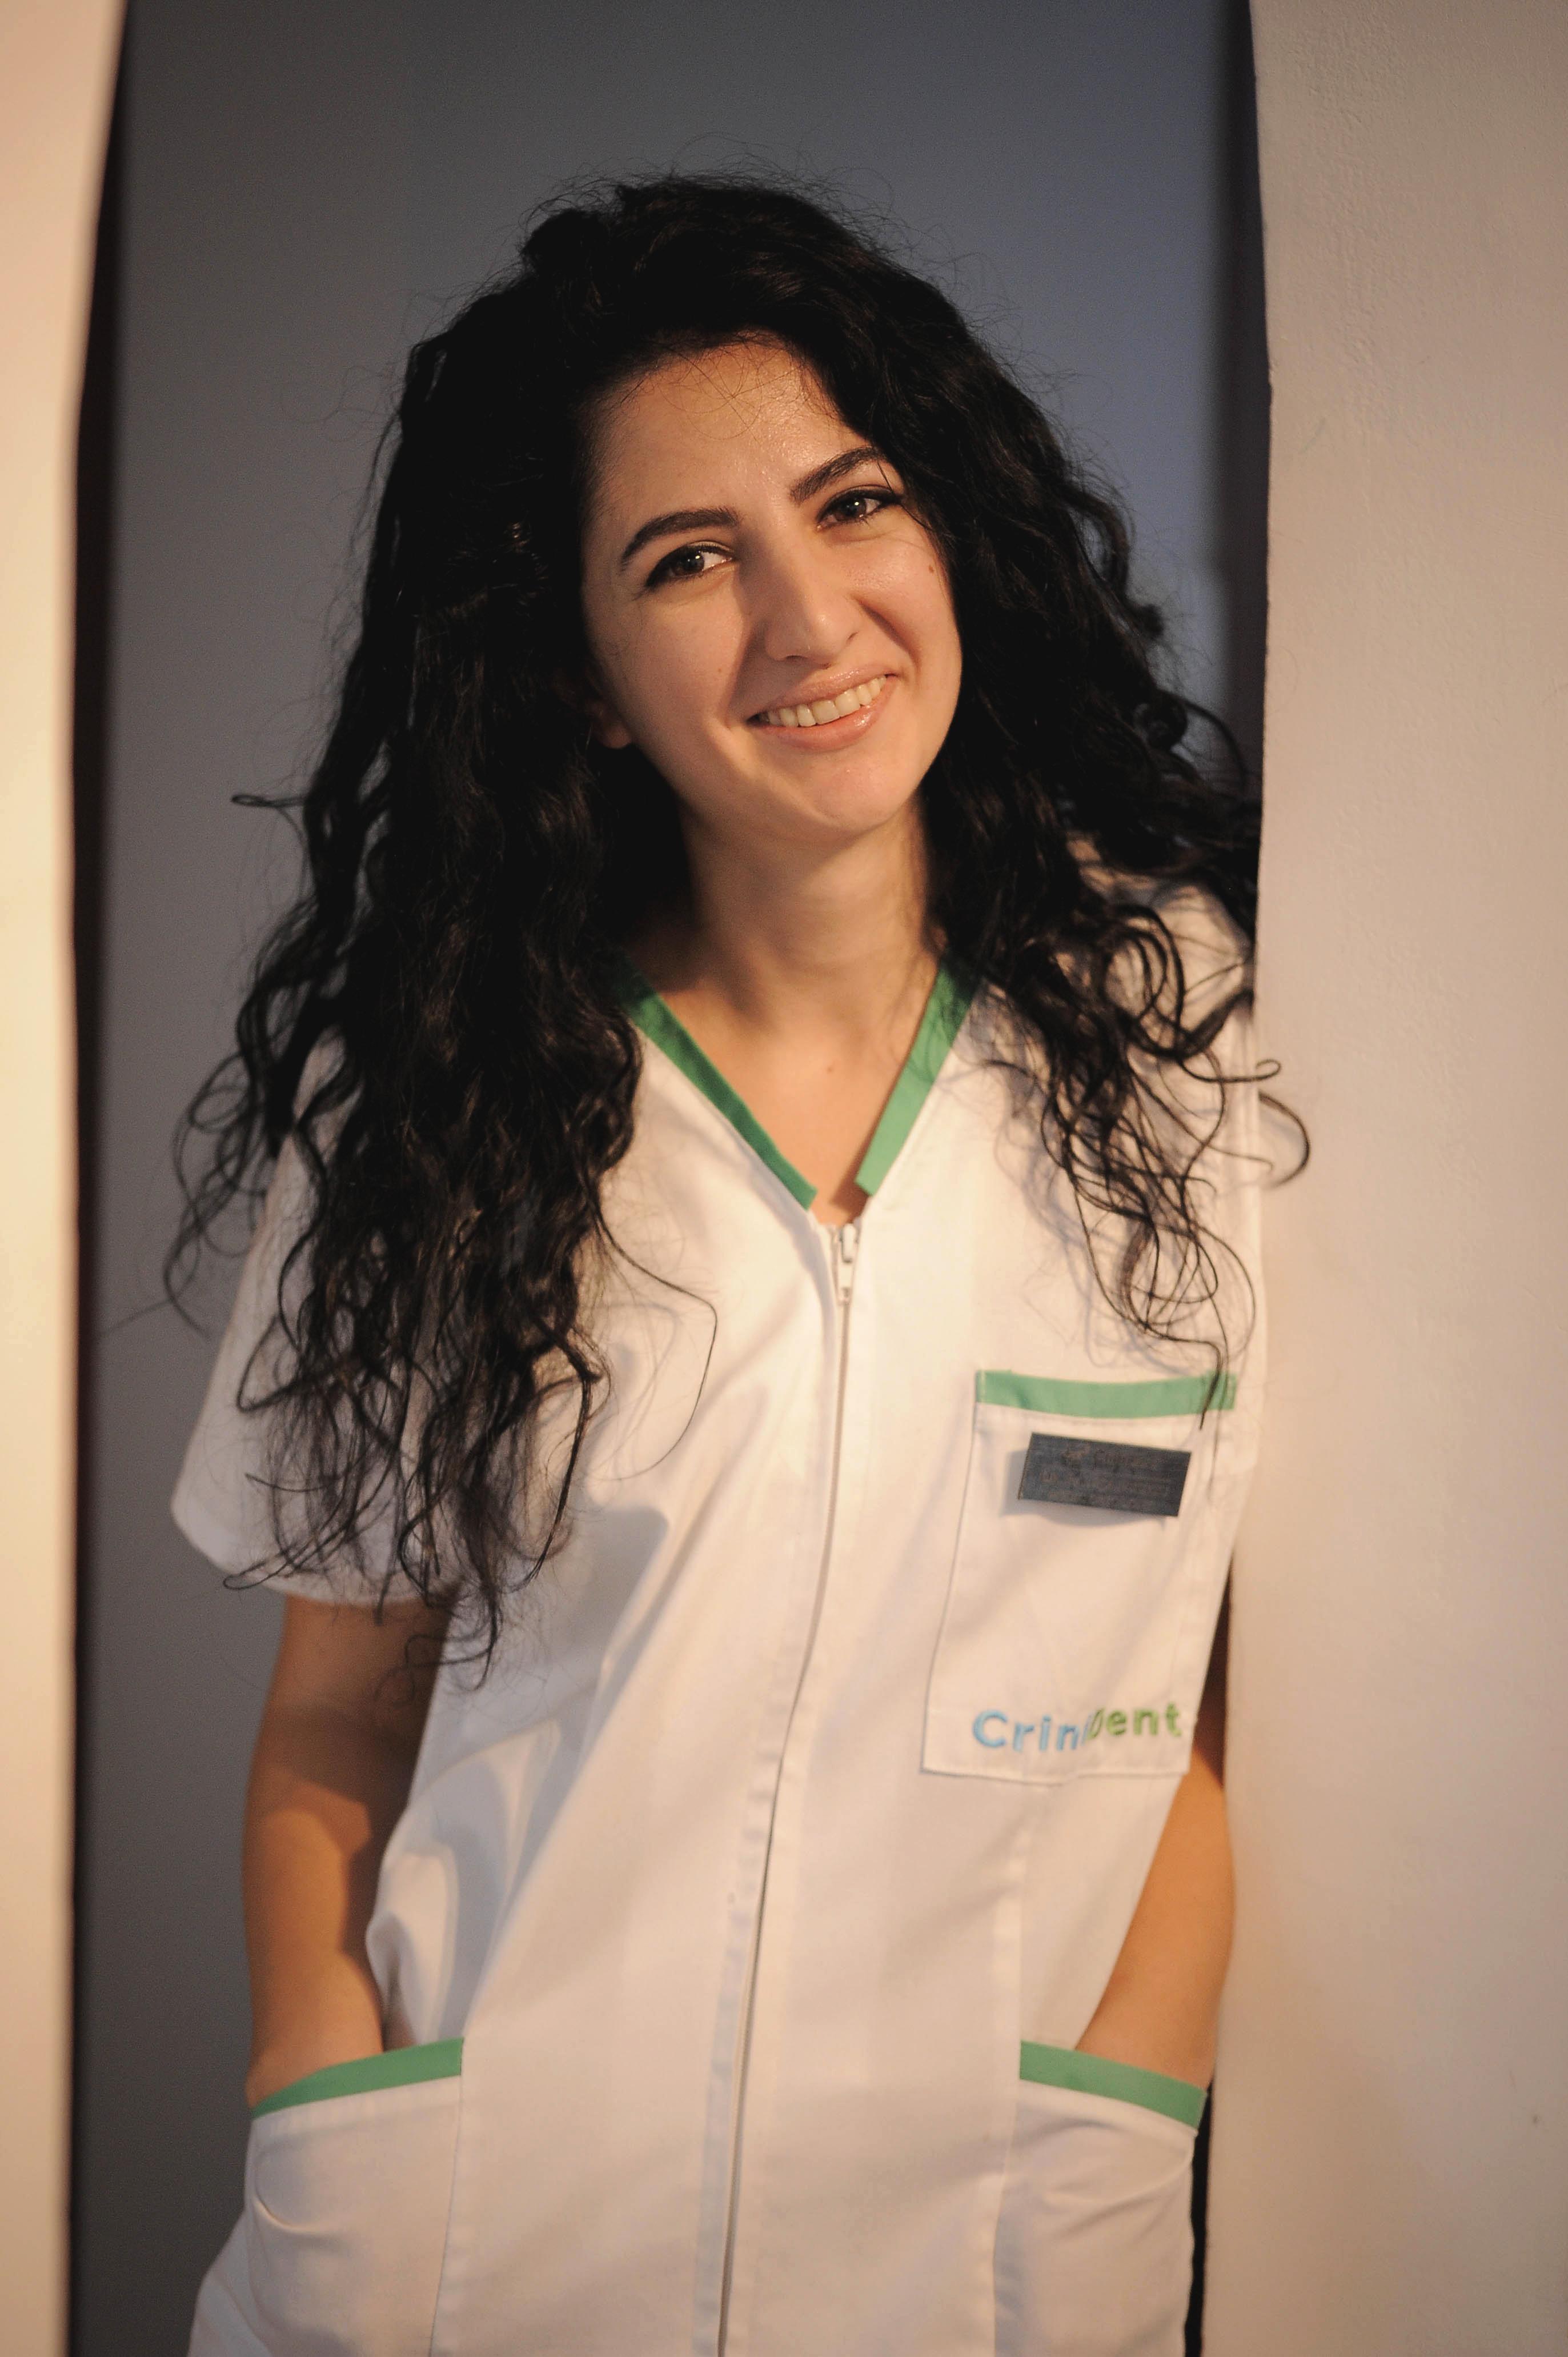 Dr Raluca Puchiu - CriniDent